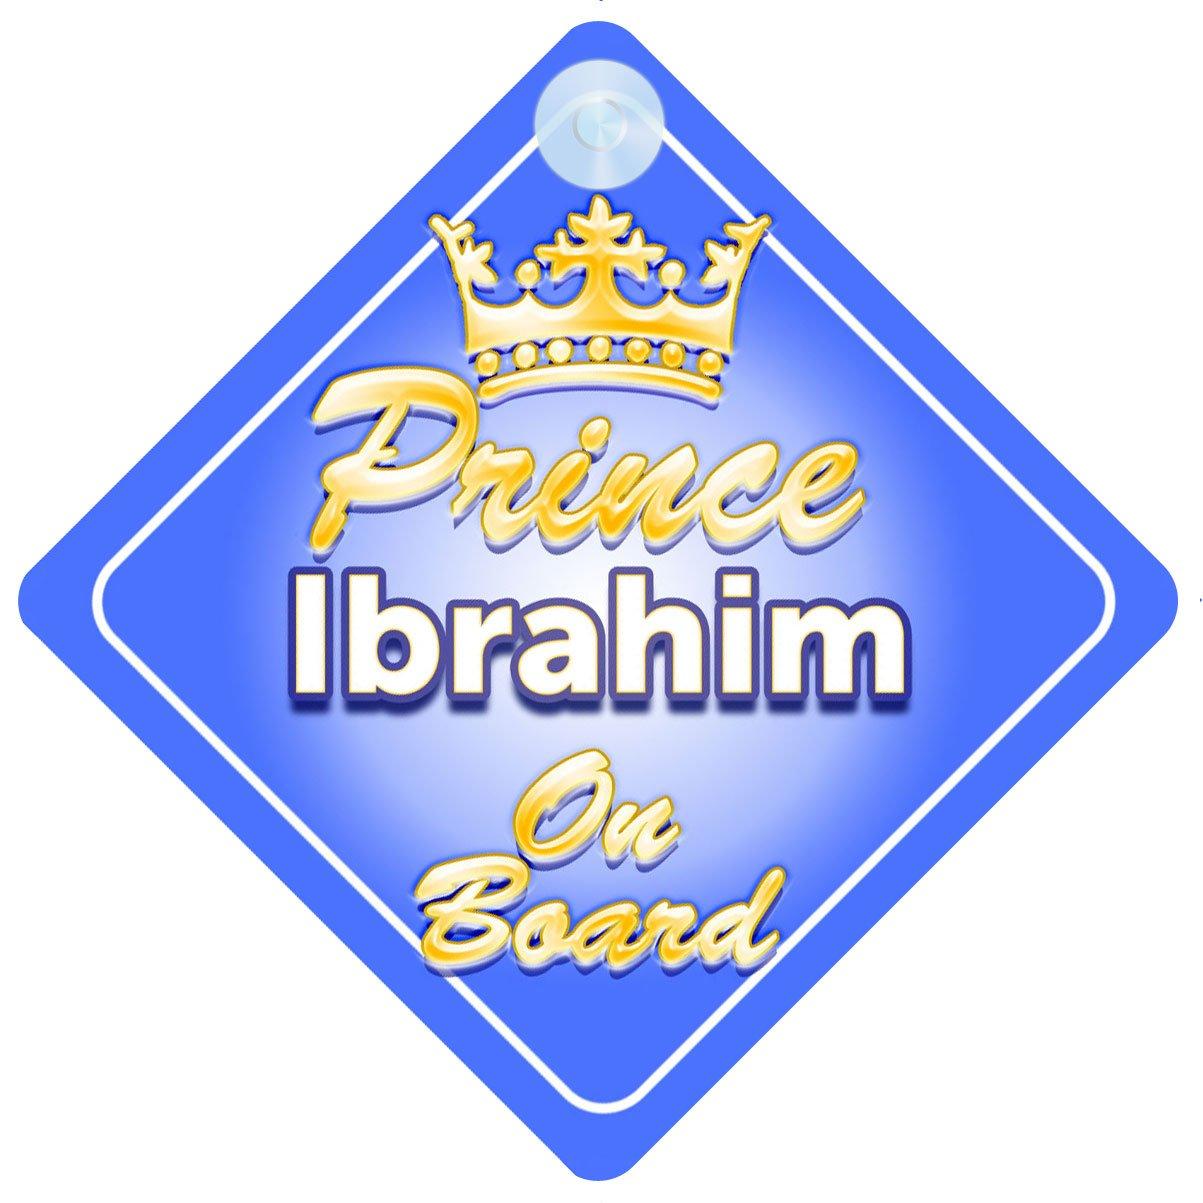 Crown Prince Ibrahim on Board Personnalisé pour bébé/enfant garçons voiture Panneau mybabyonboard UK